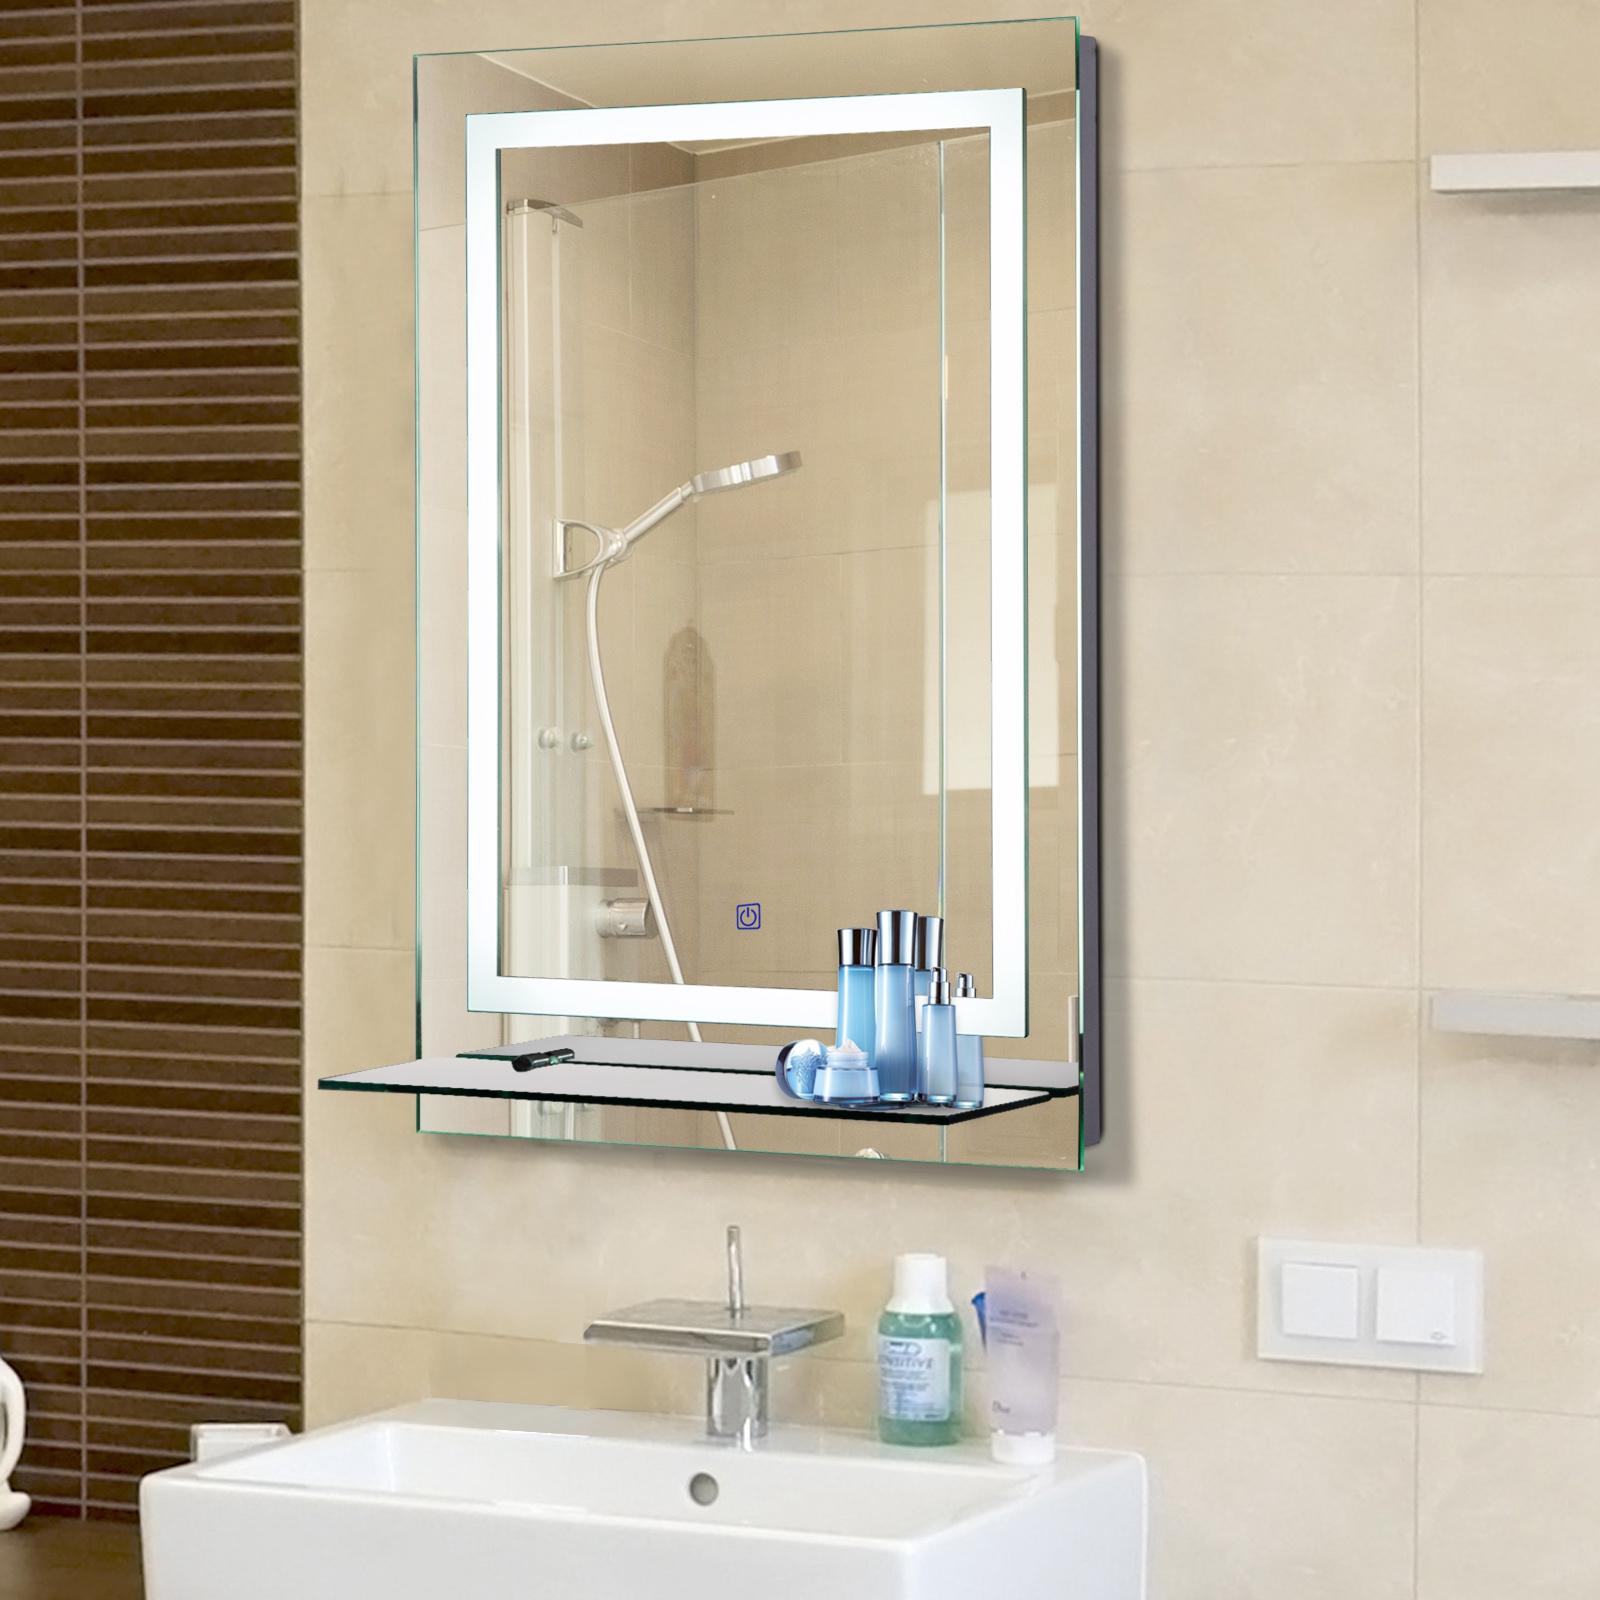 Sehr kleankin LED Badspiegel Badezimmerspiegel mit Beleuchtung Glas UT32